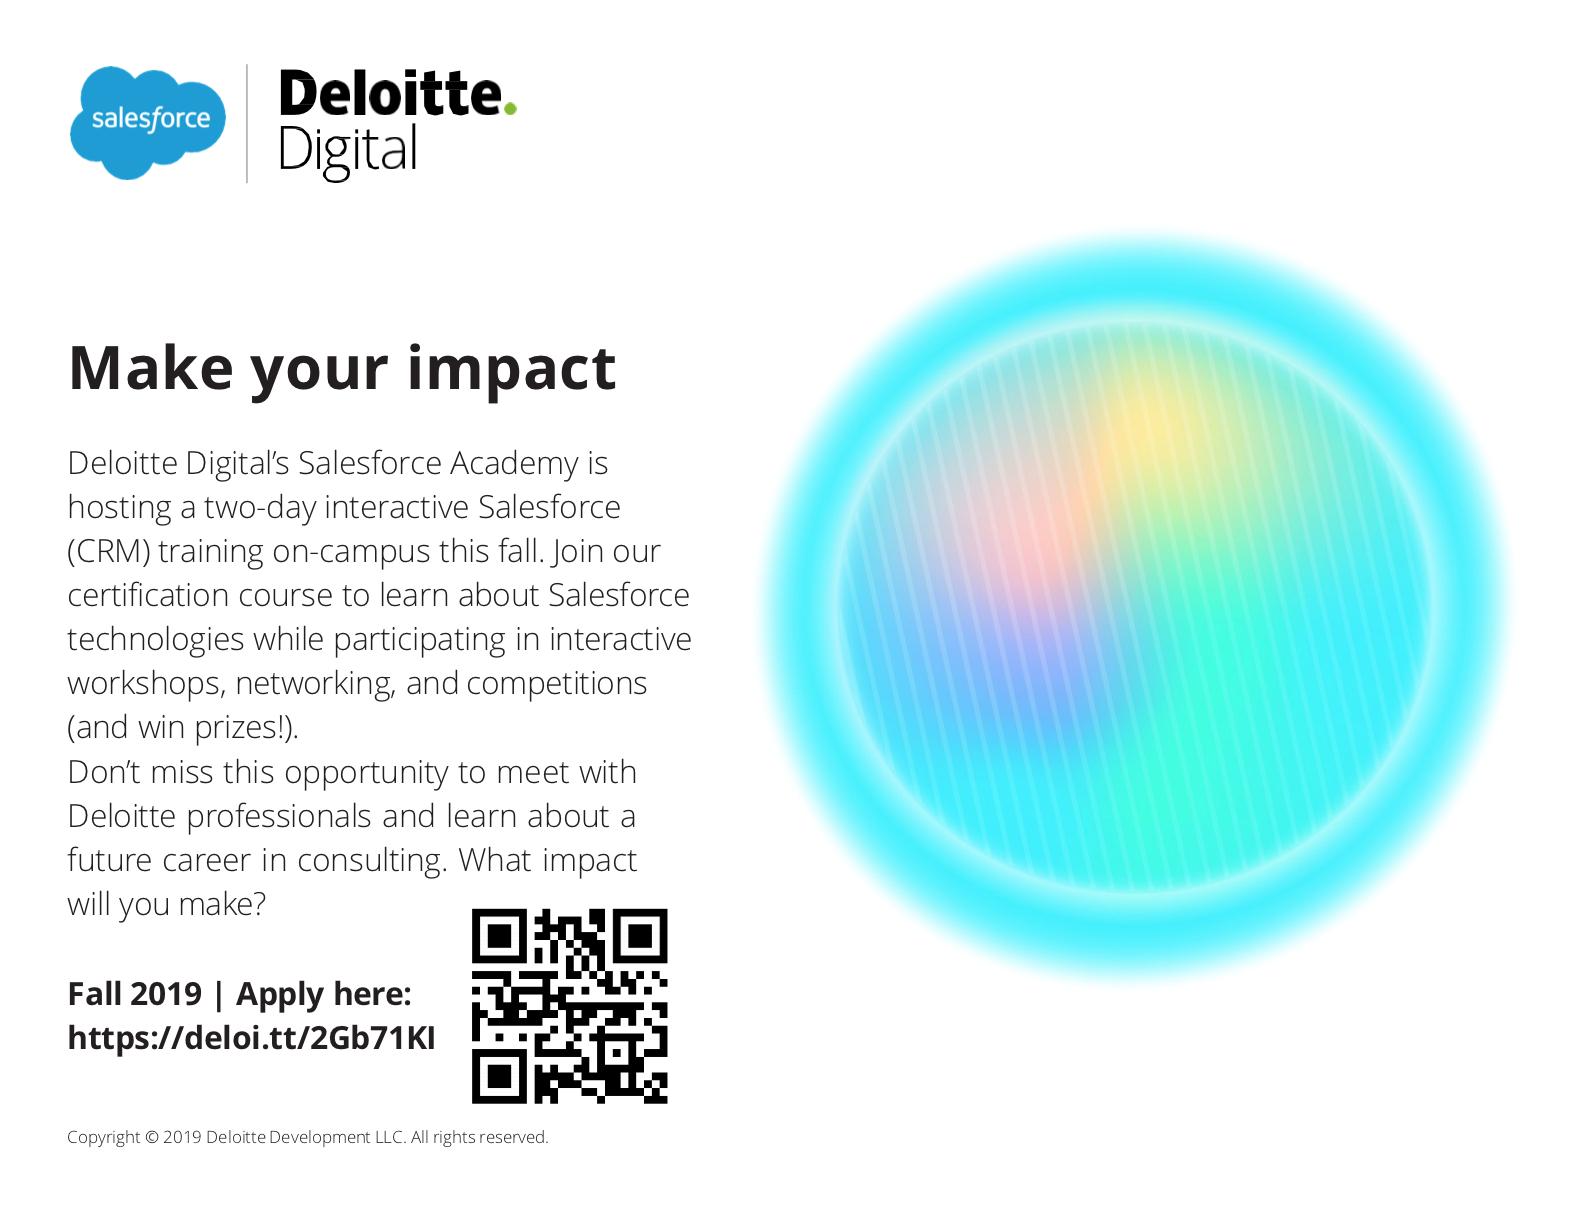 Deloitte Digital's Salesforce Academy (DDSA)